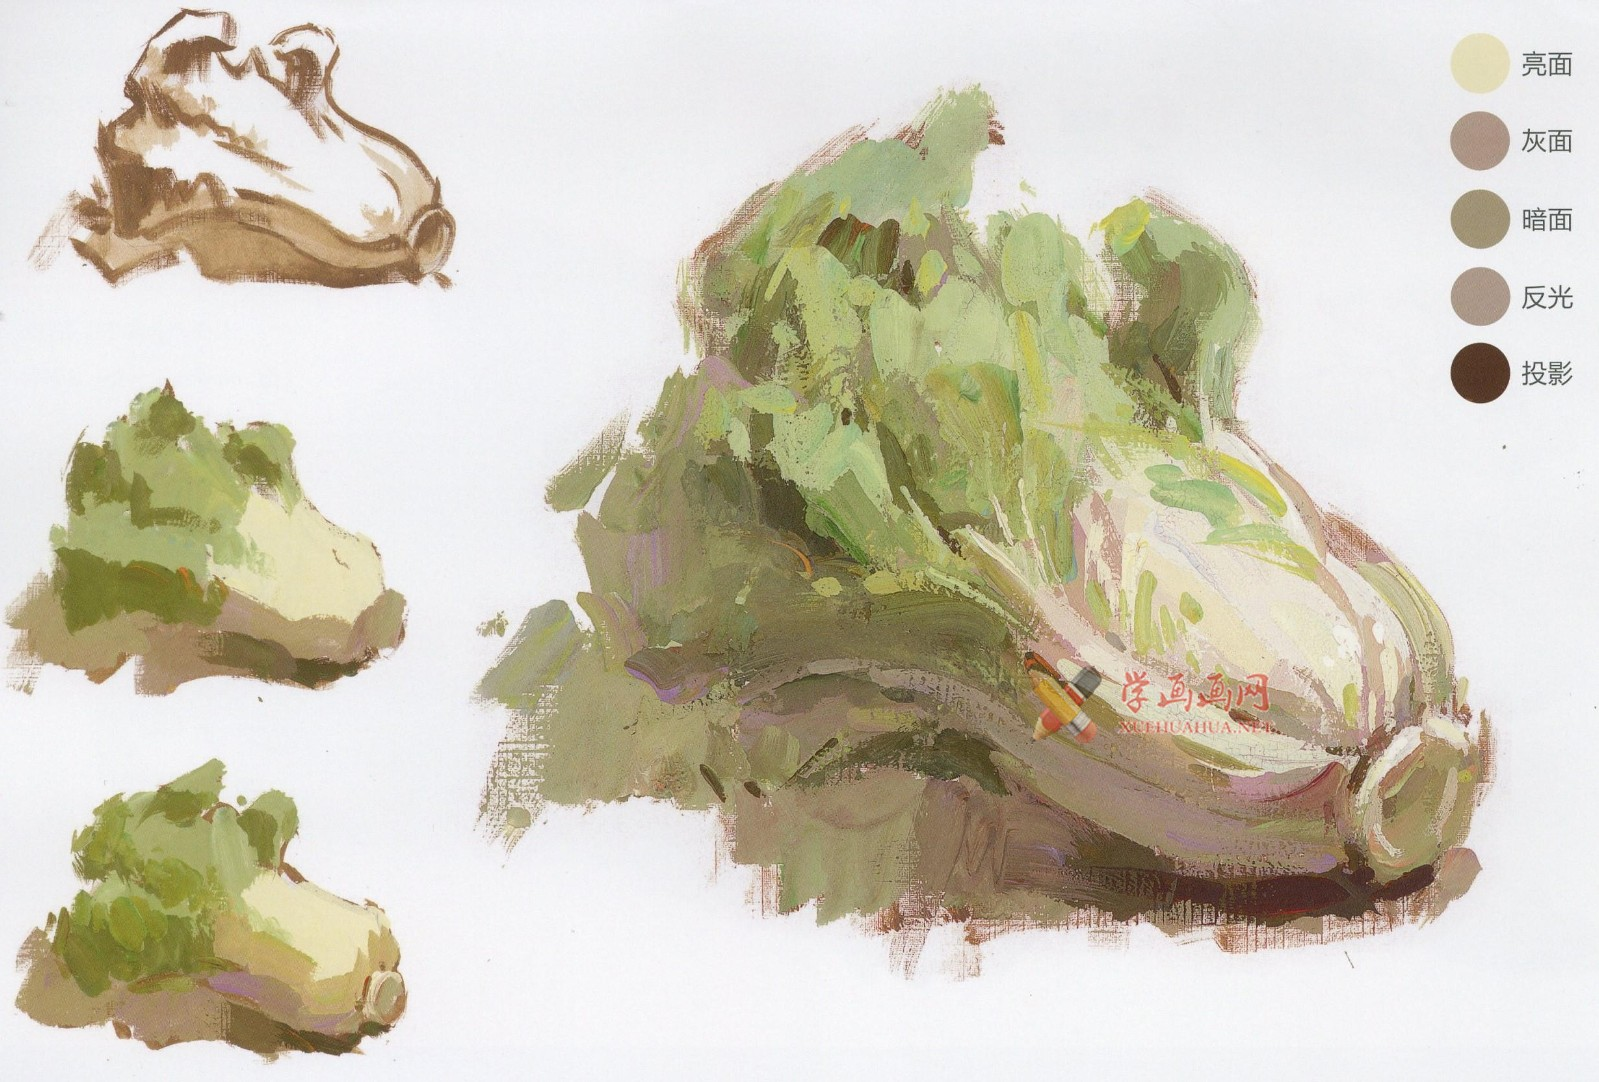 怎么画大白菜?水粉画单体入门教程:大白菜的画法图解及高清范画临摹图片素材(5)